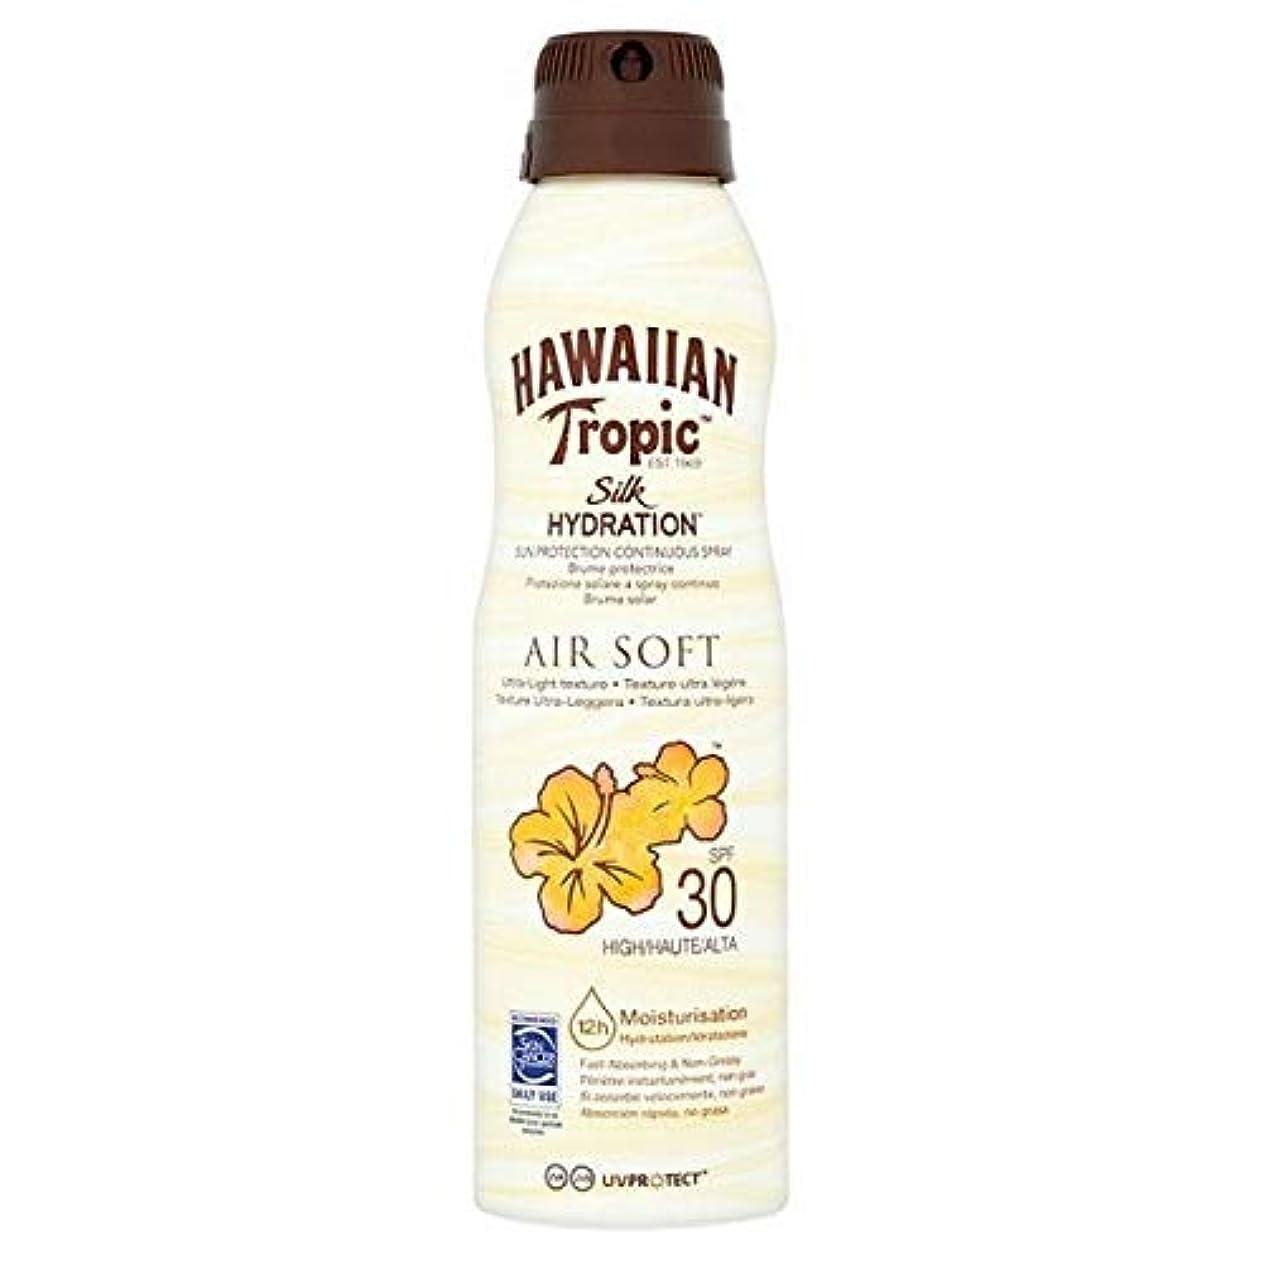 嫌な横たわる傷跡[Hawaiian Tropic ] H /向性絹水和エアガン連続スプレーSpf30の177ミリリットル - H/Tropic Silk Hydration Airsoft Continuous Spray SPF30...